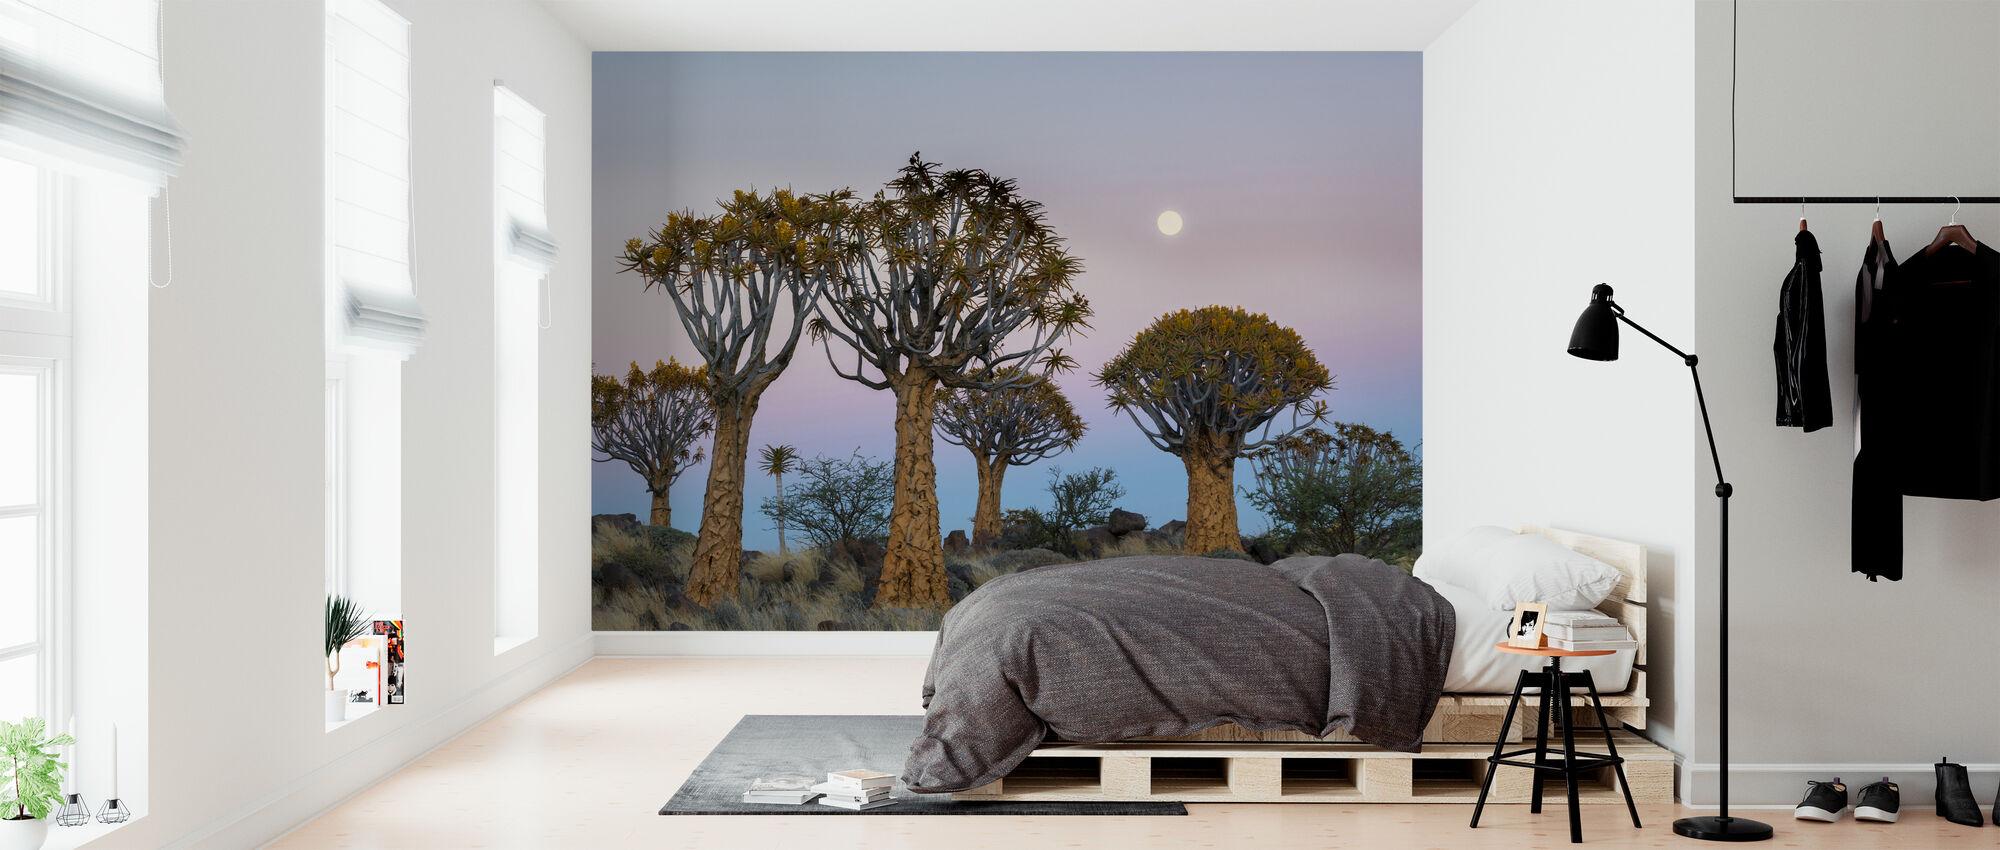 Vapina puut ja kuu - Tapetti - Makuuhuone